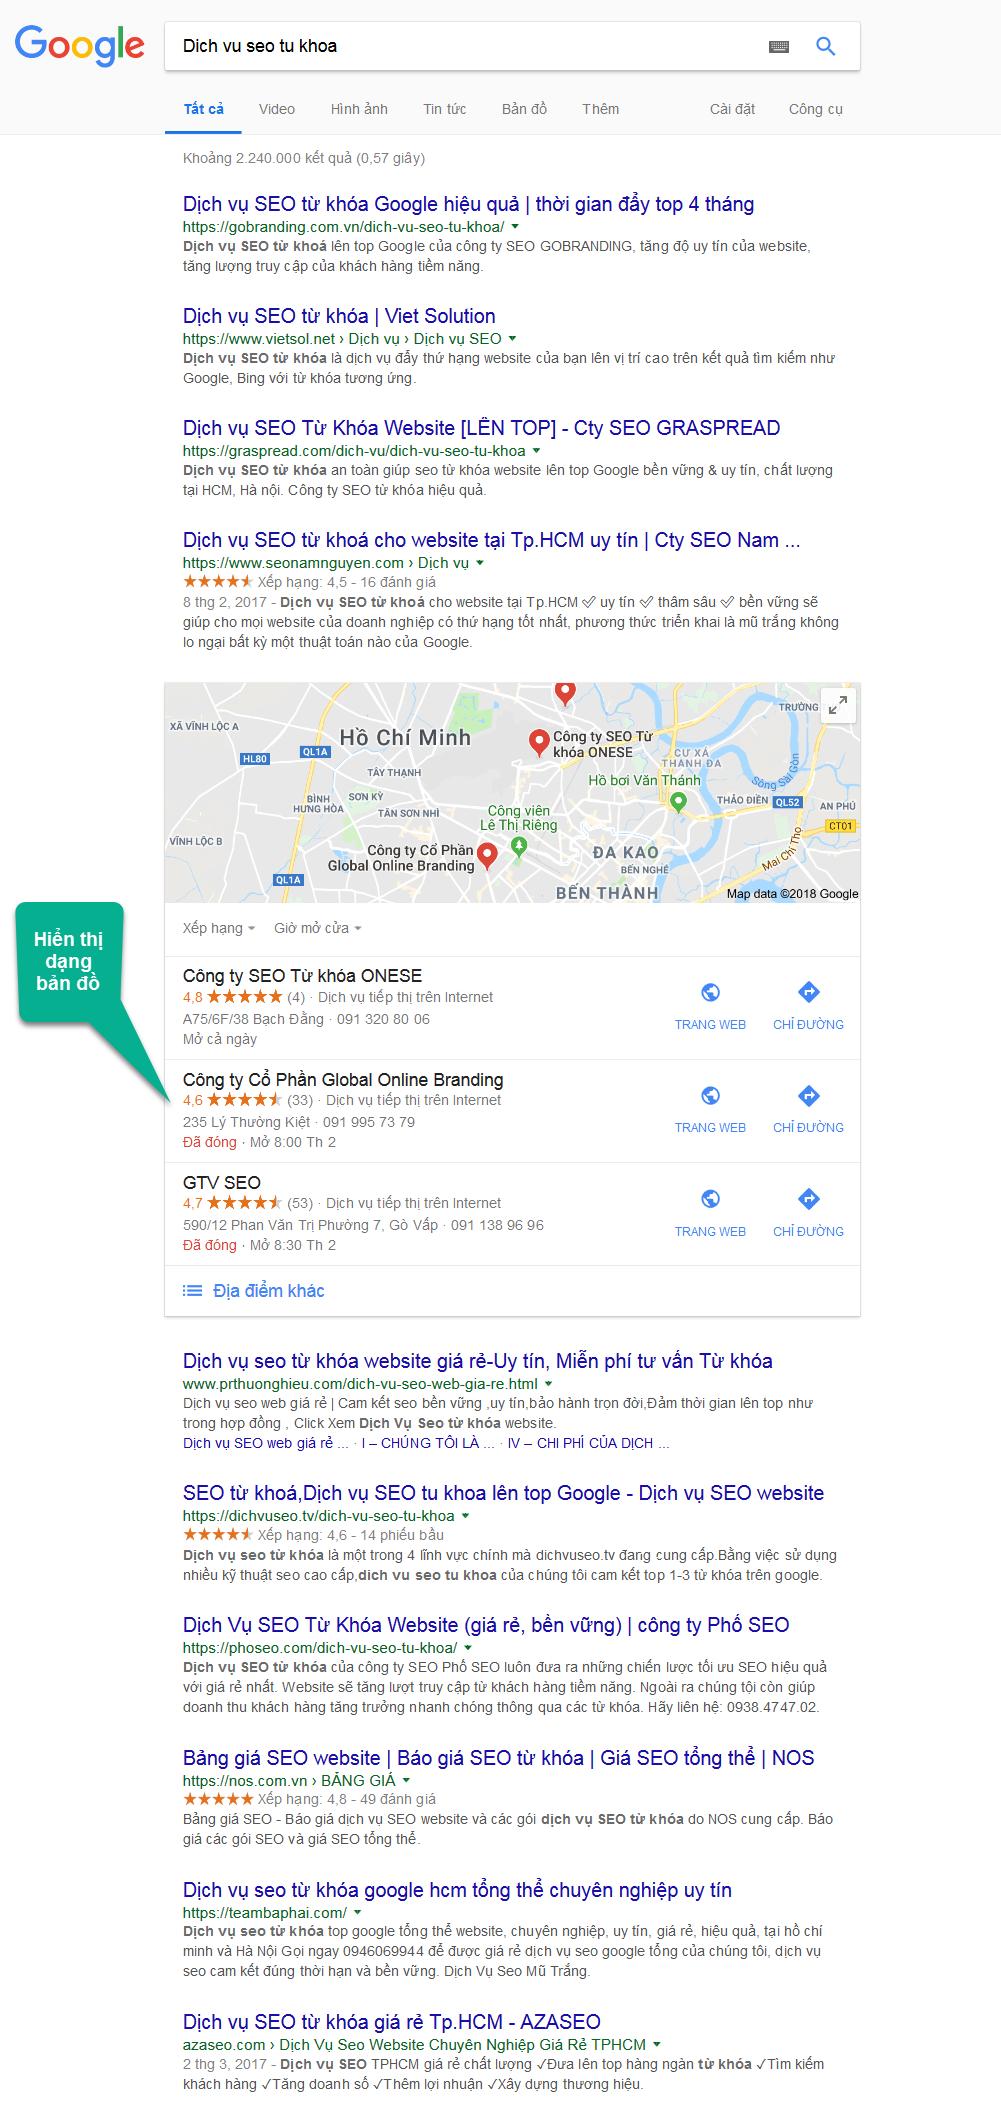 Hiển thị bản đồ trong trang kết quả tìm kiếm